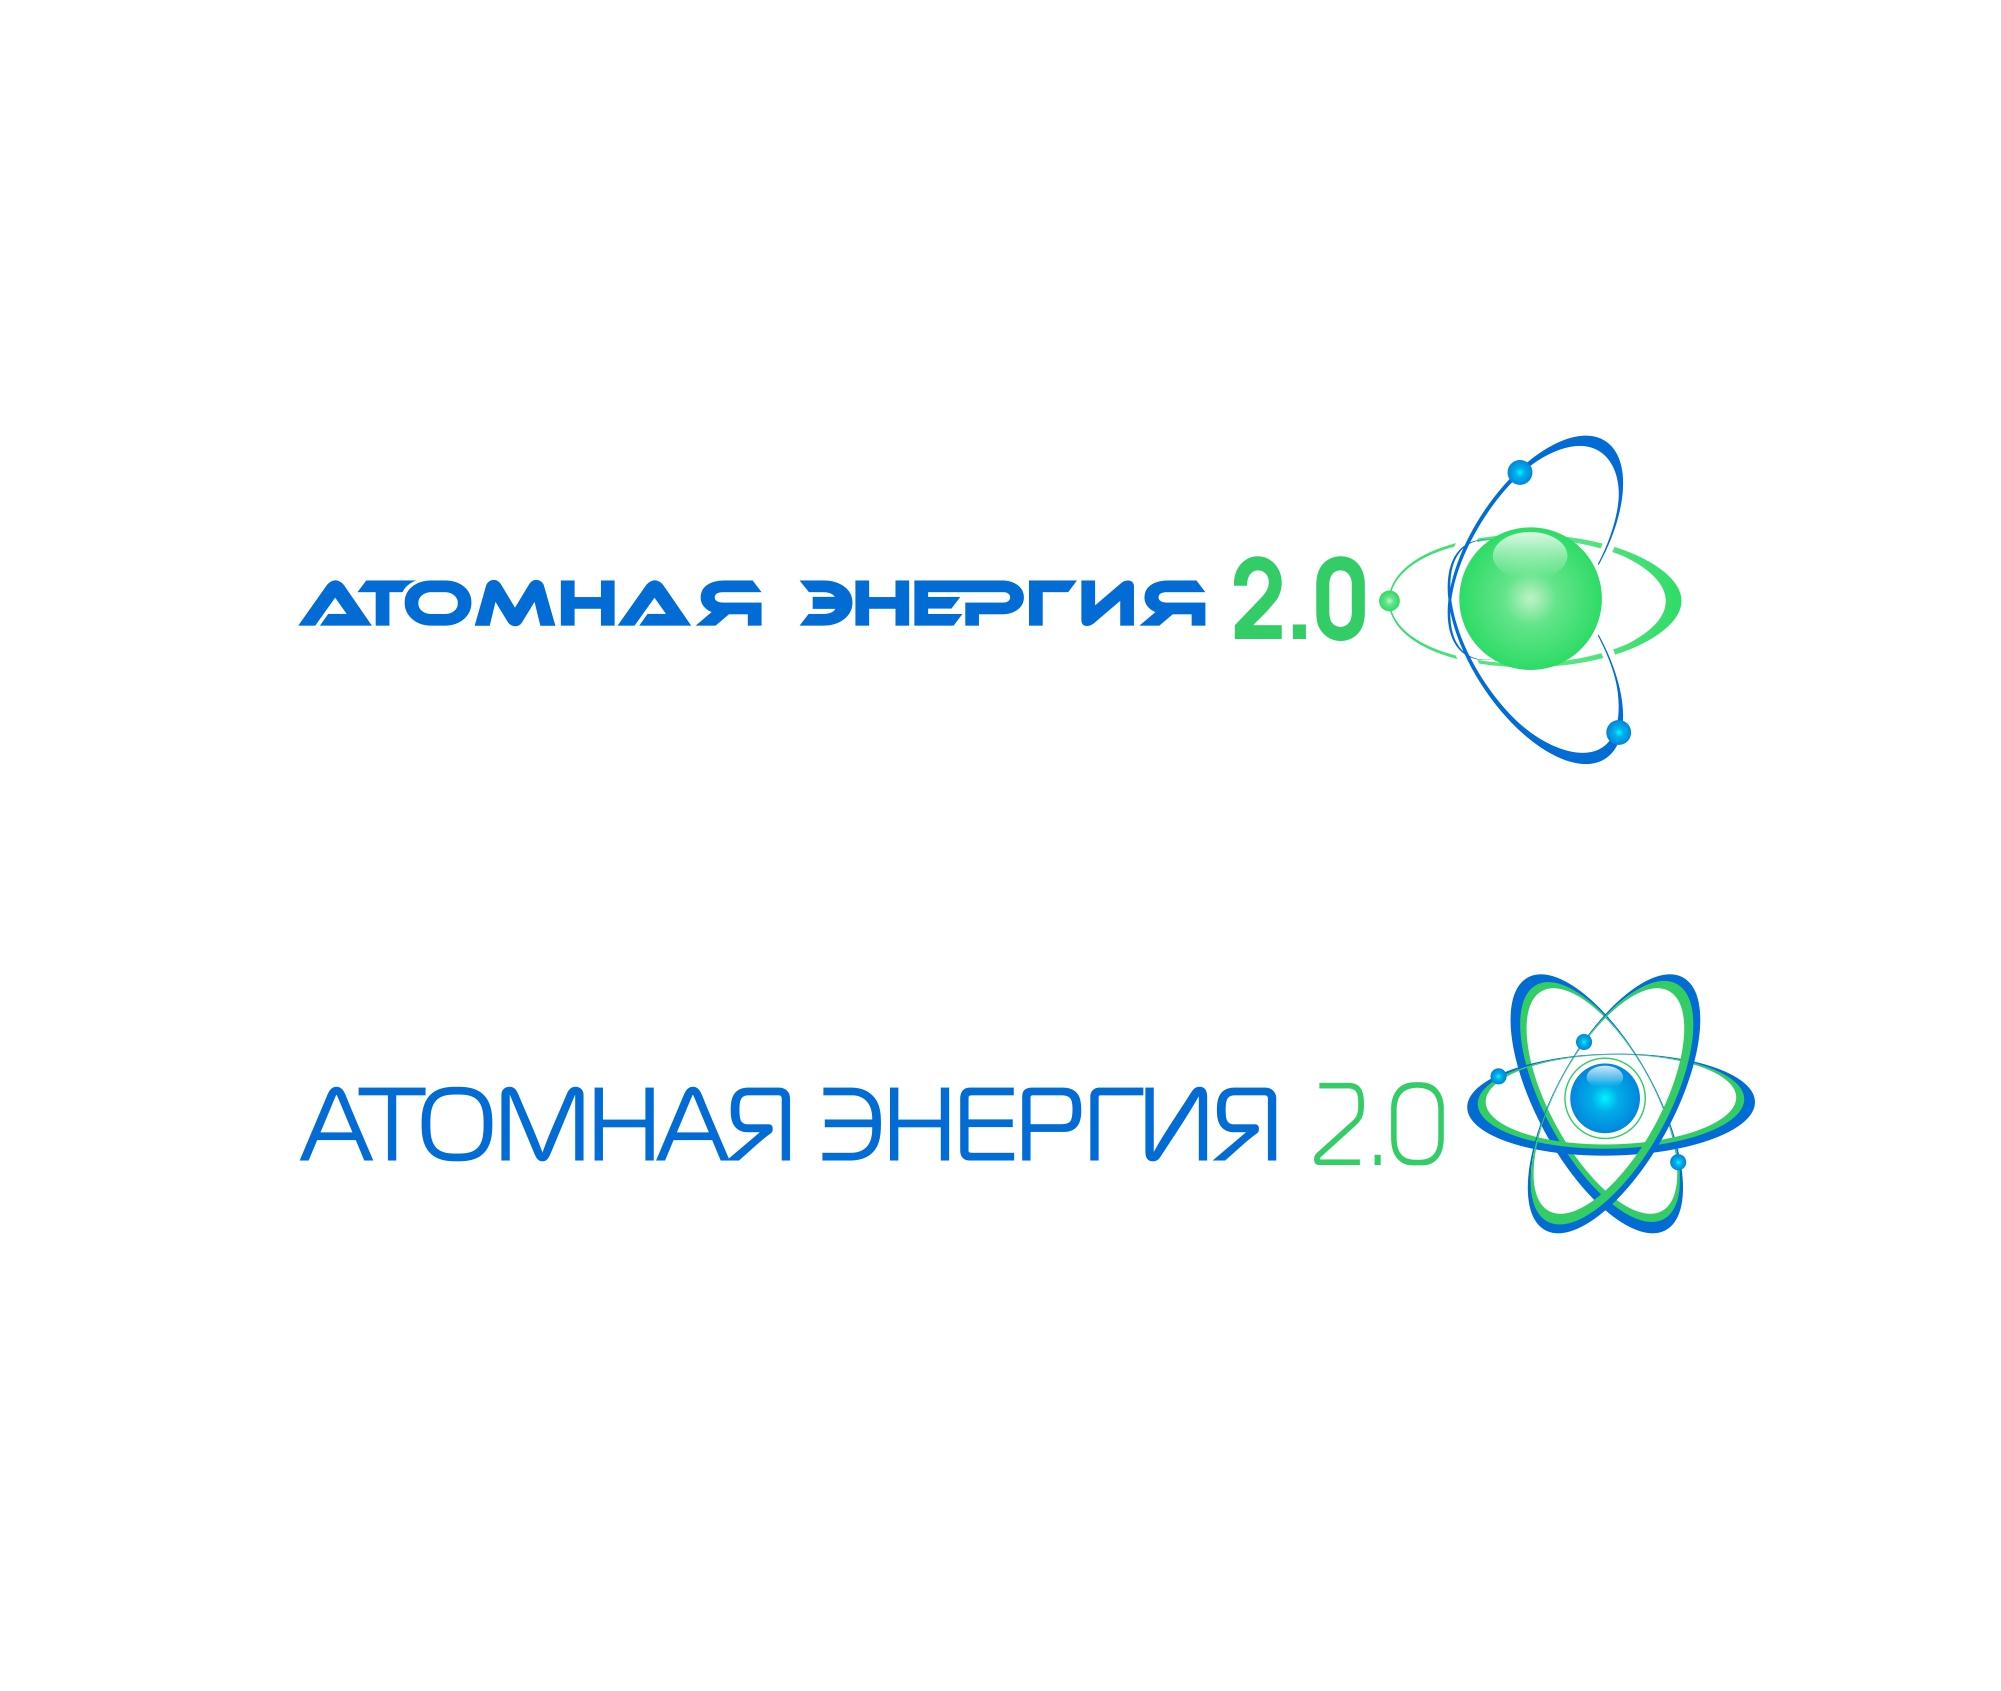 """Фирменный стиль для научного портала """"Атомная энергия 2.0"""" фото f_11159ddcfcadb351.jpg"""